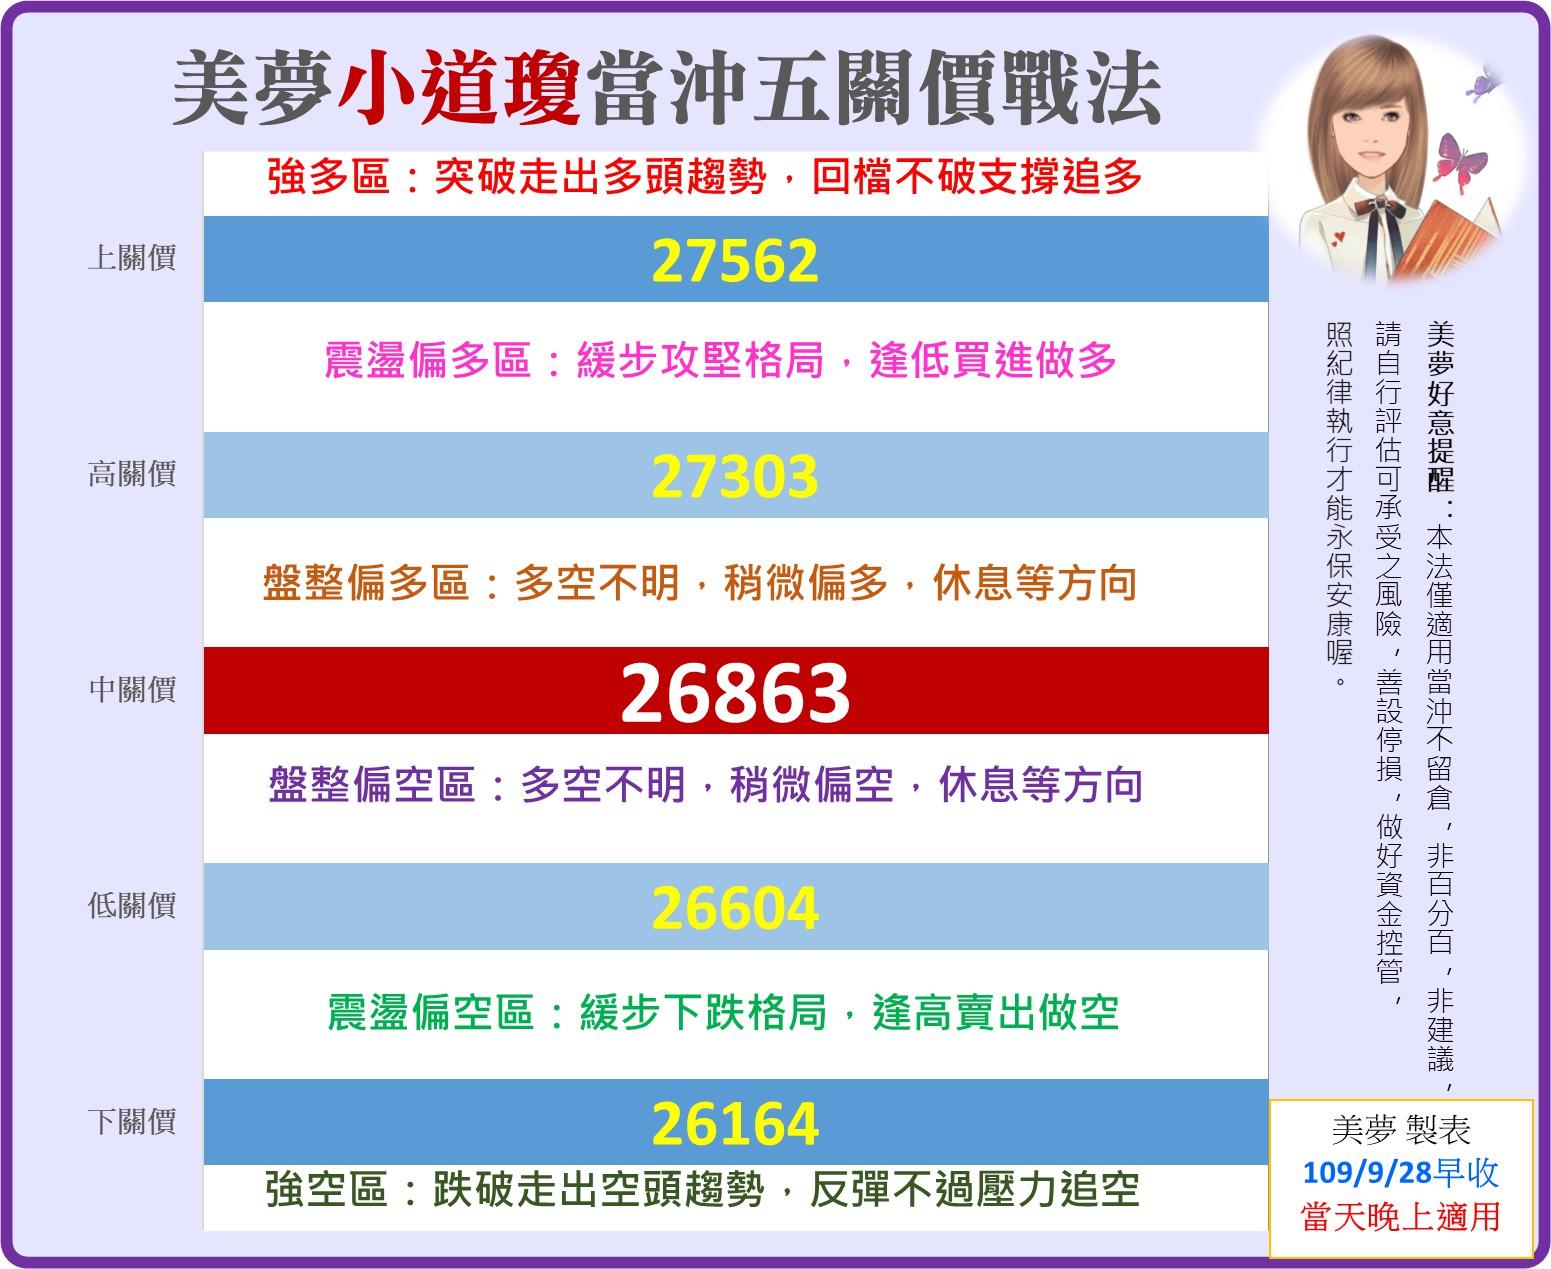 1090925  美夢冠軍--期選_14